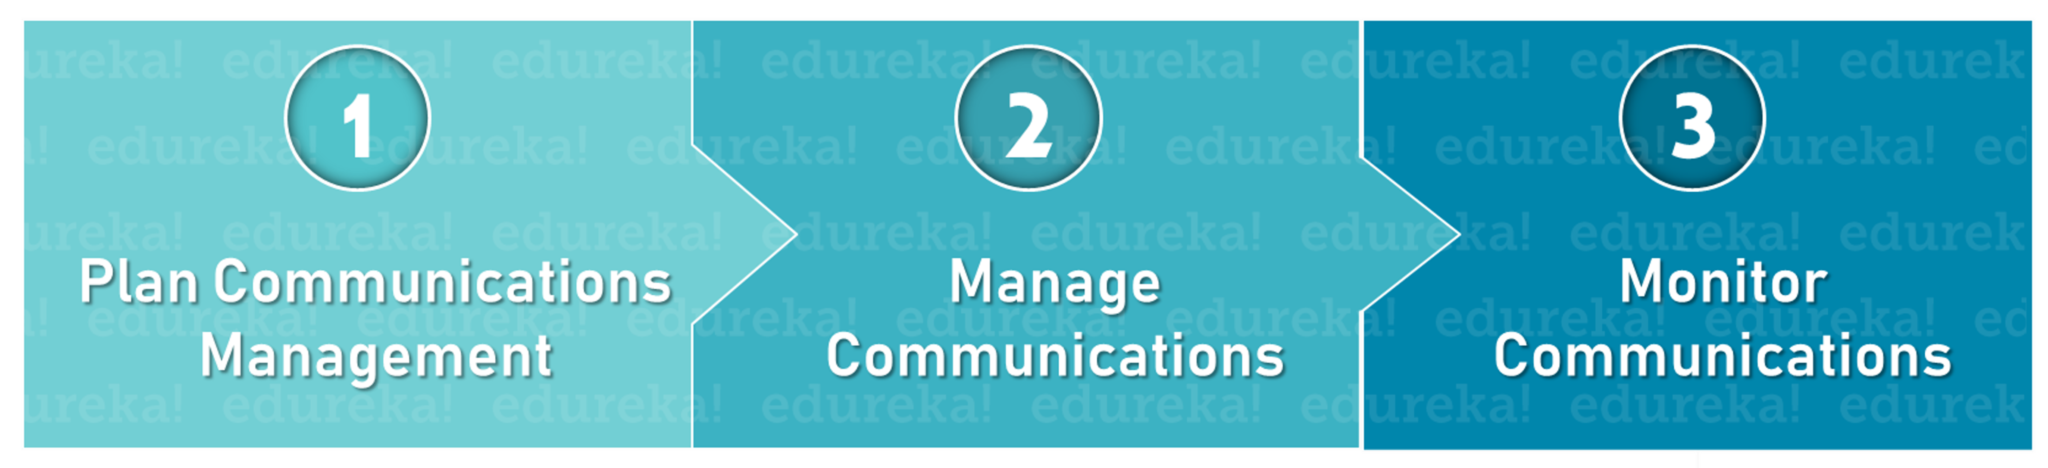 CM processes - Project Communication Management - Edureka